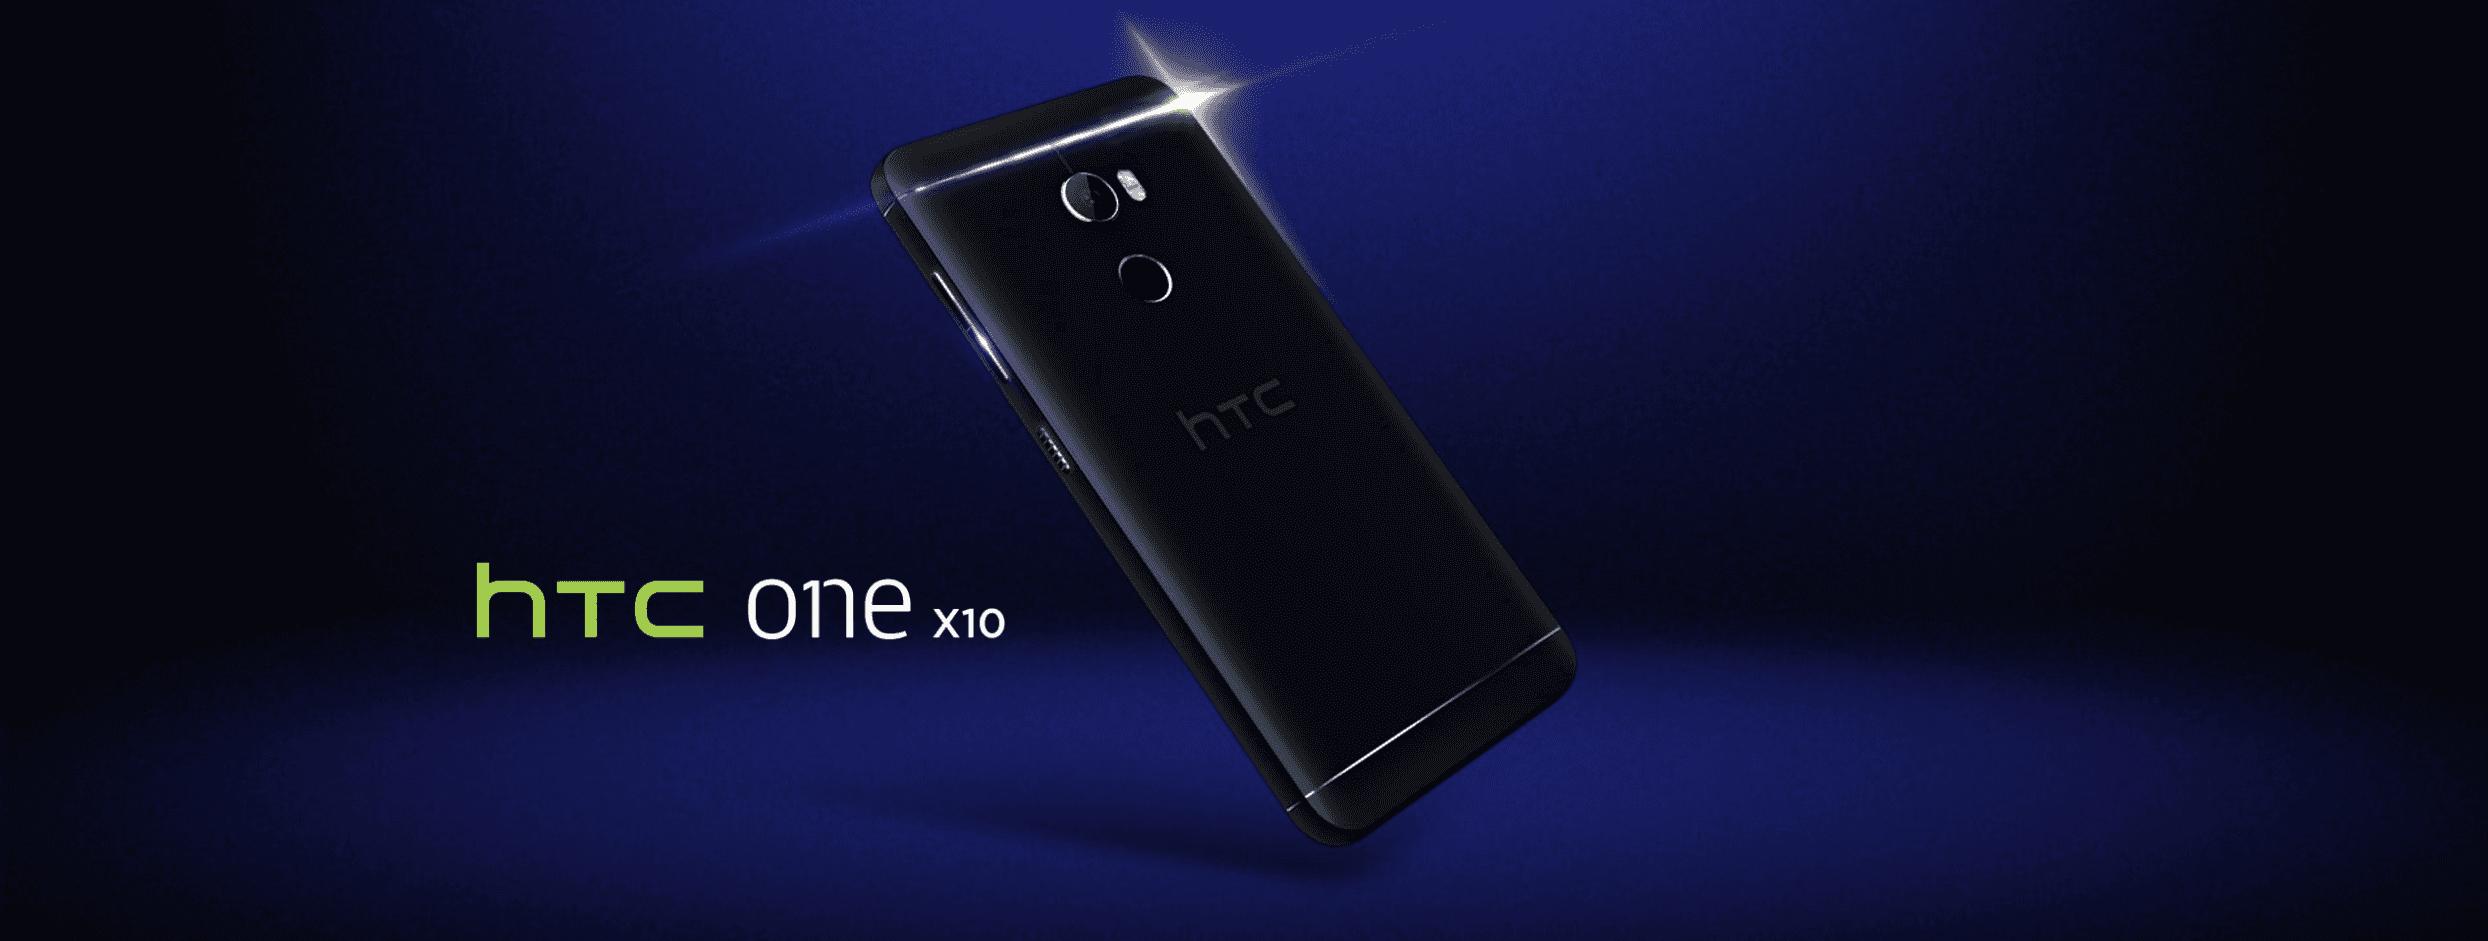 HTC One x10 5